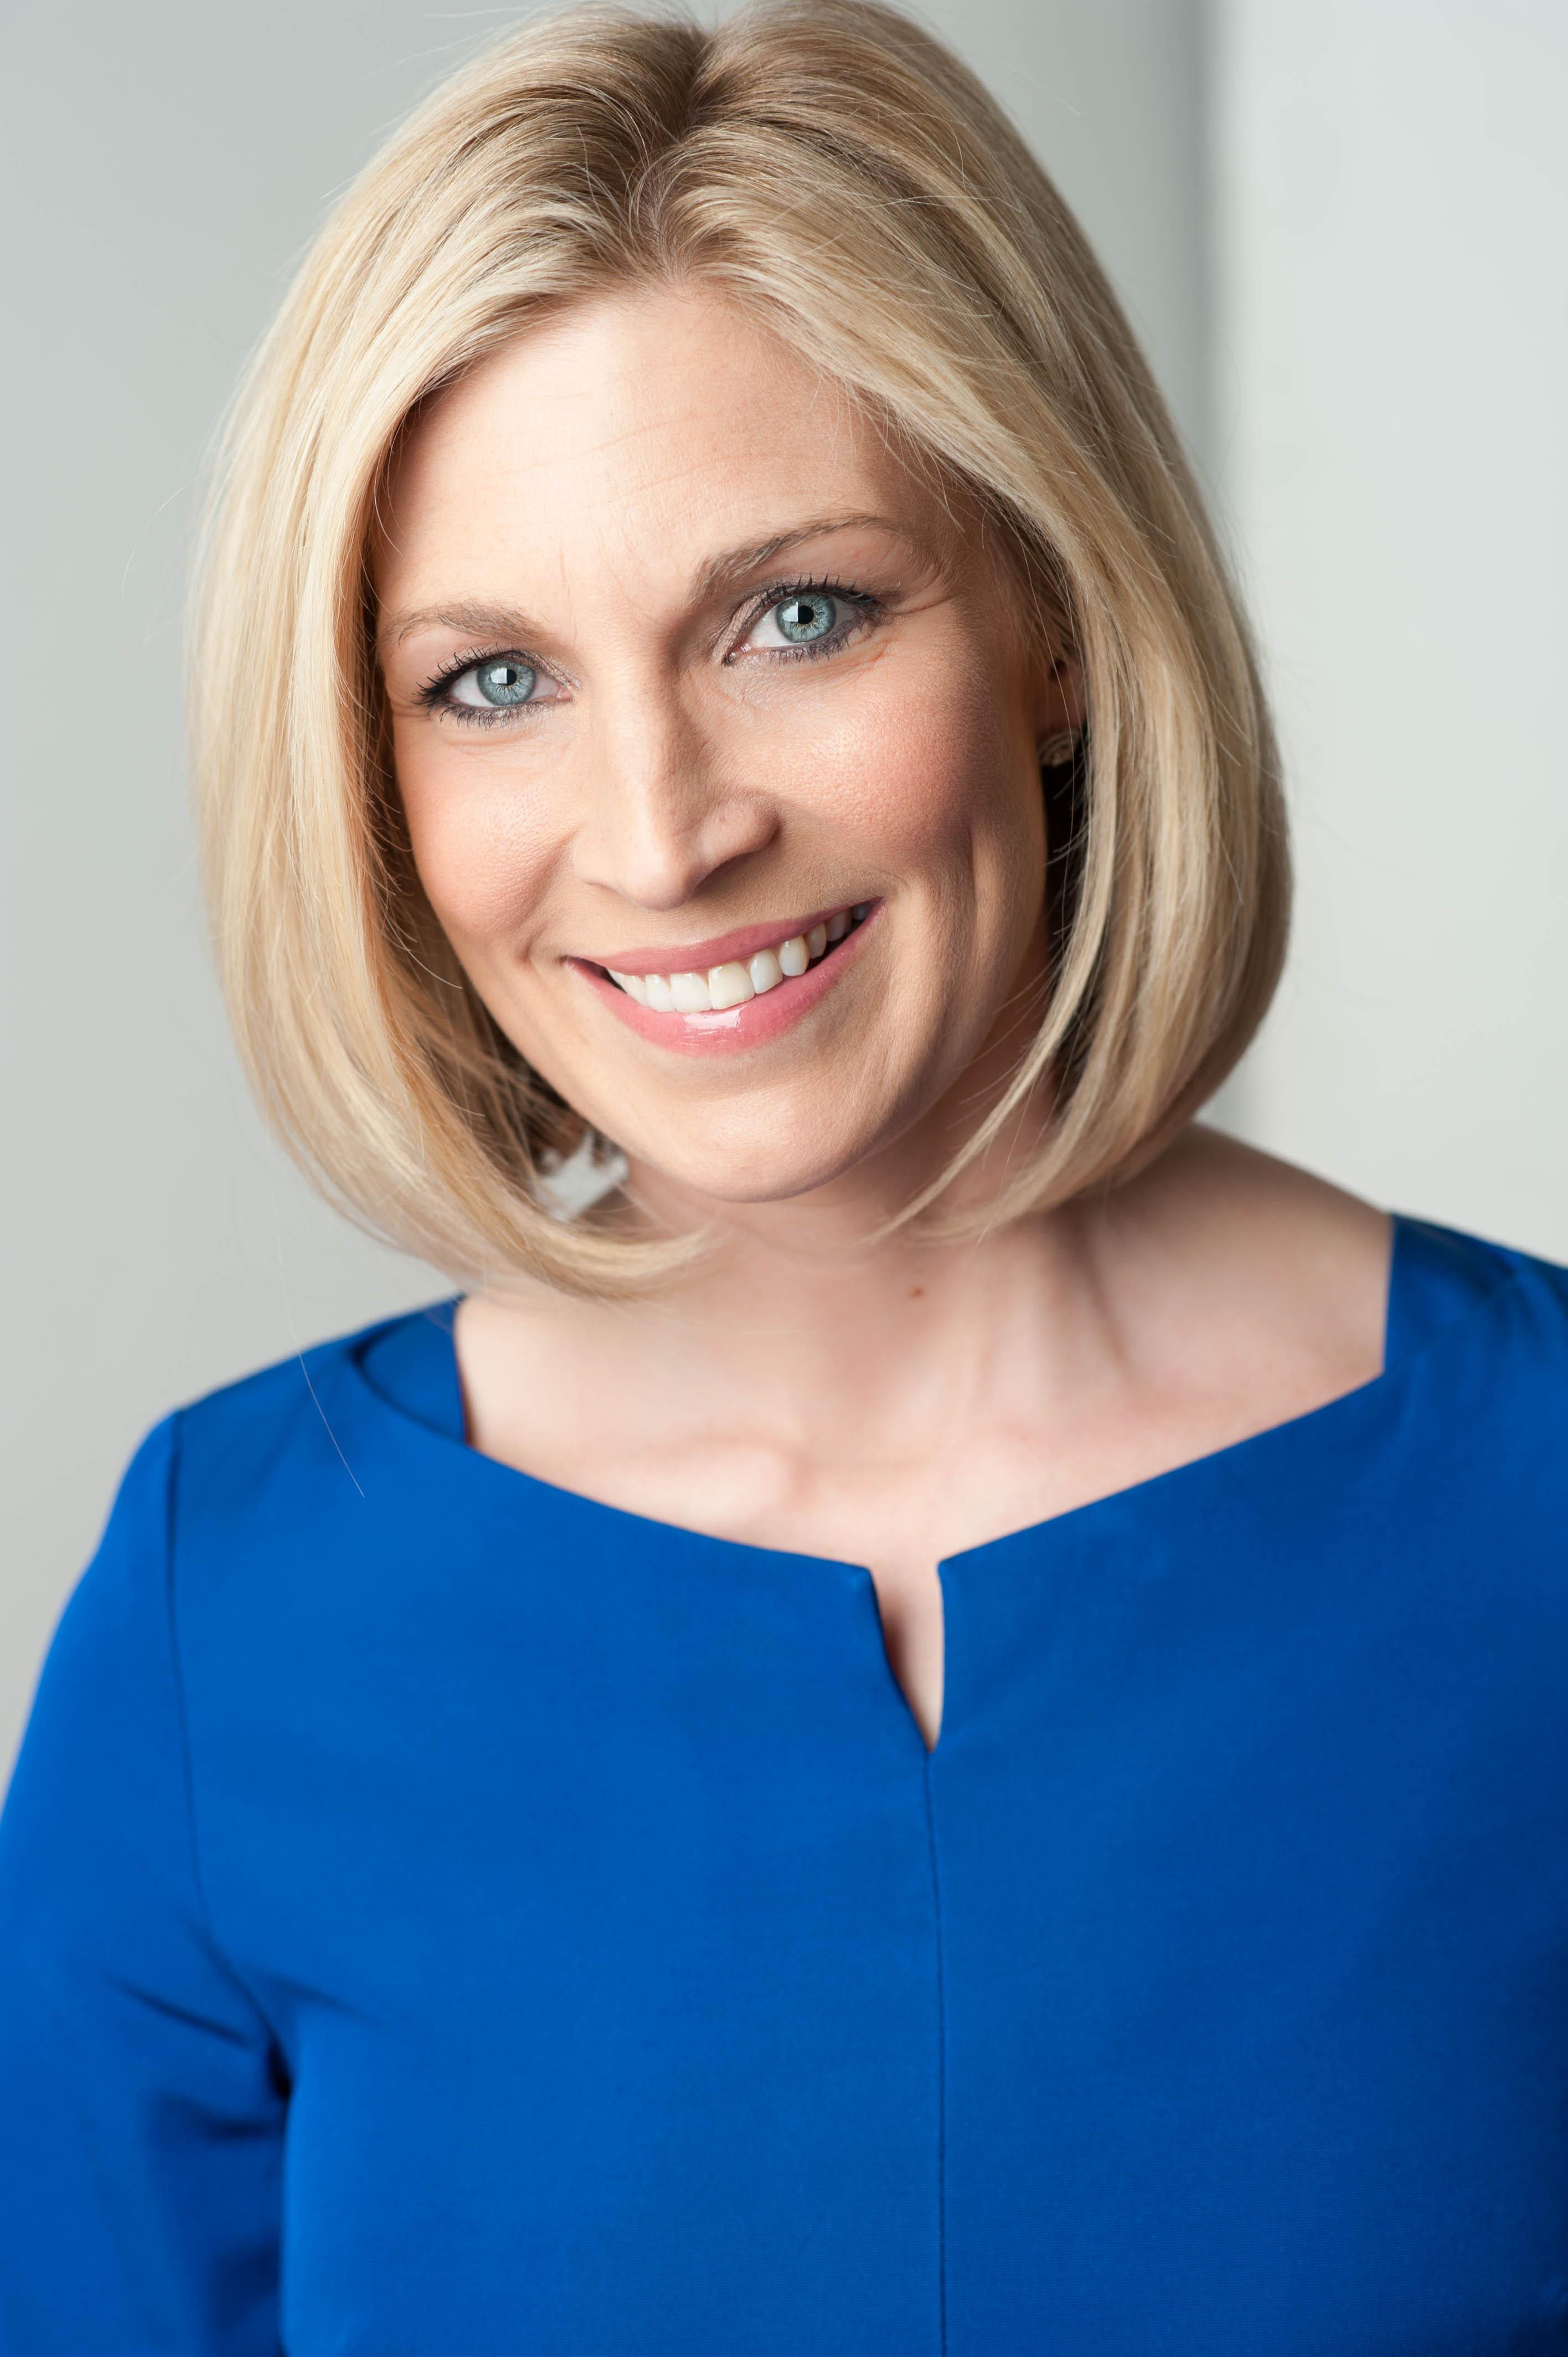 Sarah Hewson